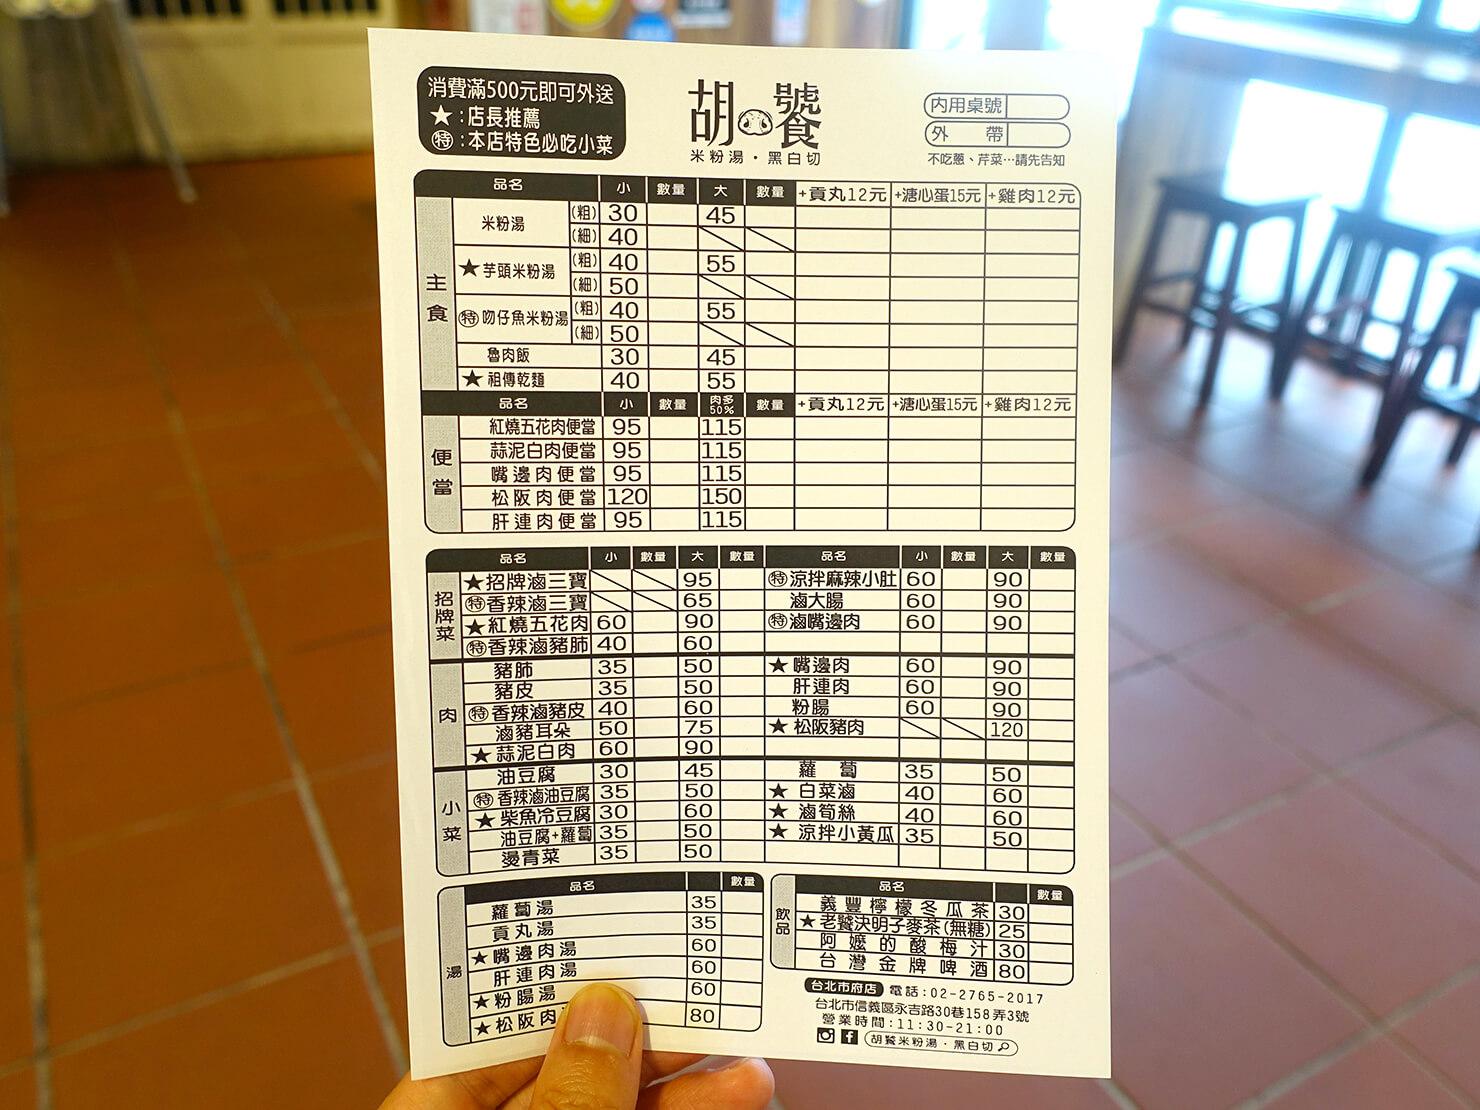 台北101エリア・MRT市政府駅周辺のおすすめグルメ店「胡饕米粉湯」のメニュー